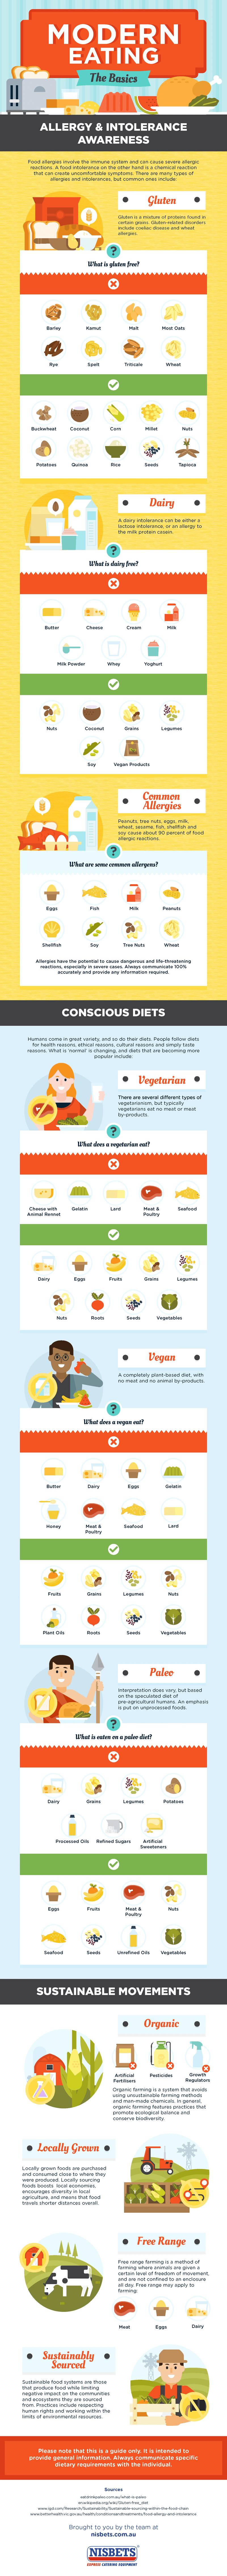 Modern Eating: The Basics